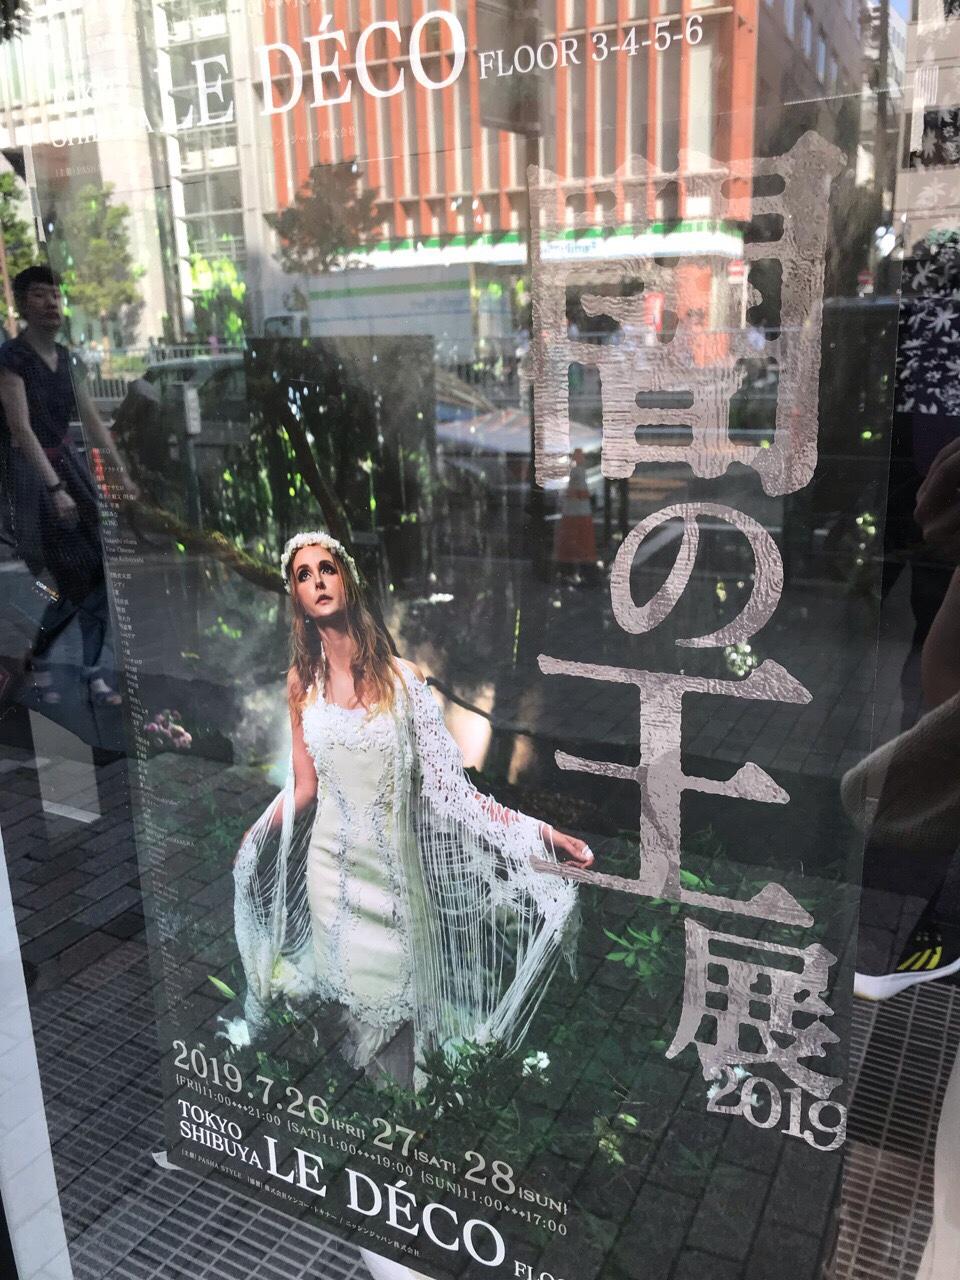 渋谷ルデコ 闇の王展